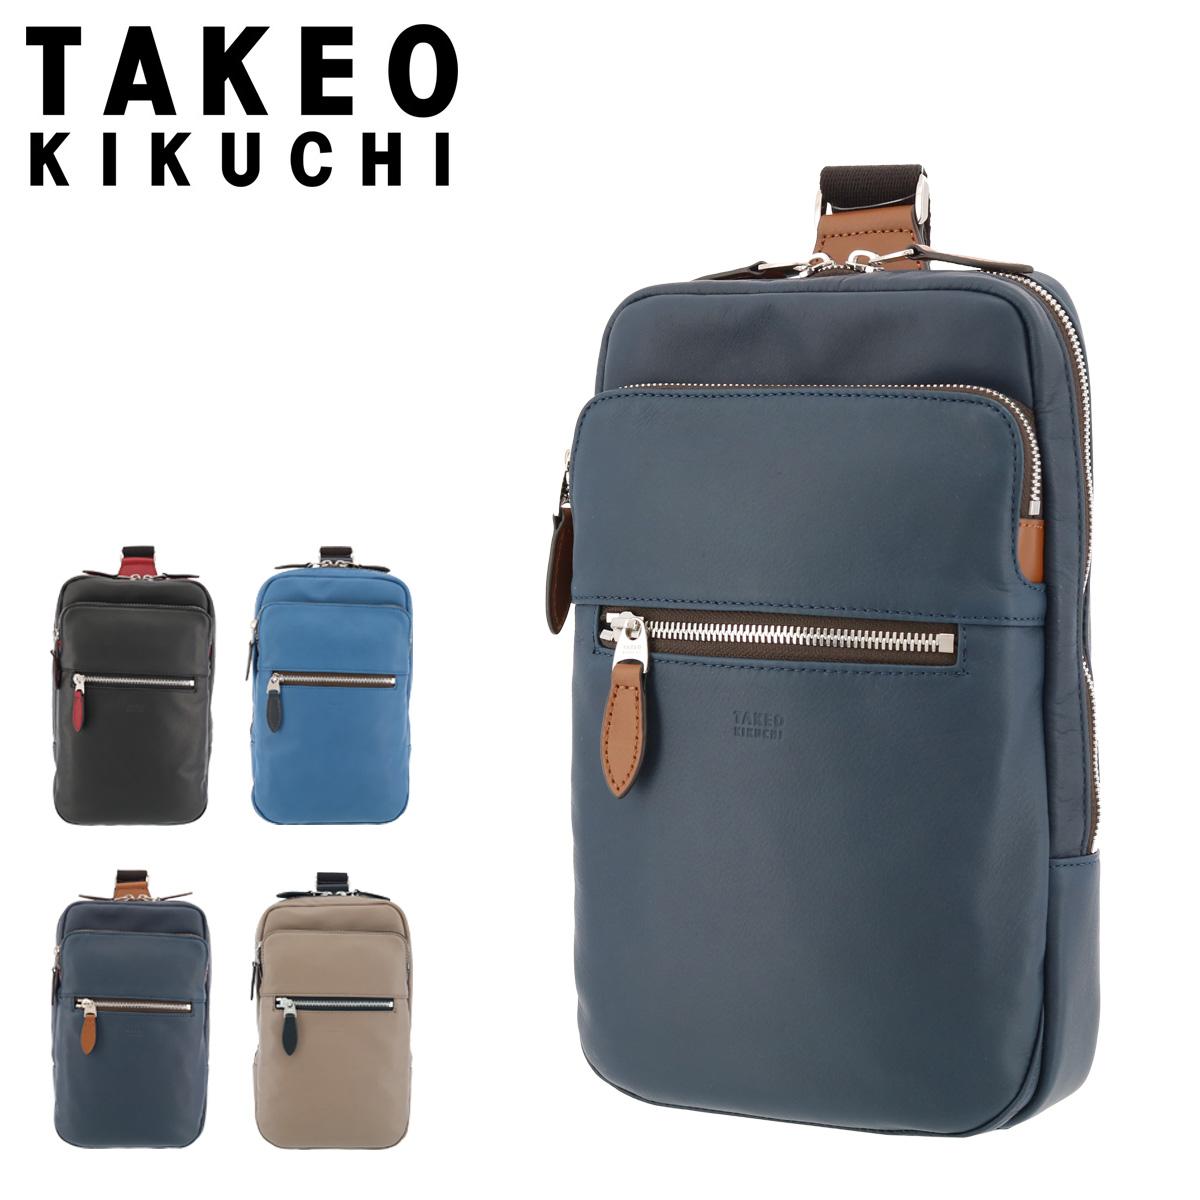 タケオキクチ ボディバッグ ソバージュ メンズ 717911 TAKEO KIKUCHI | ワンショルダー 軽量 本革 イタリアンレザー[PO5]